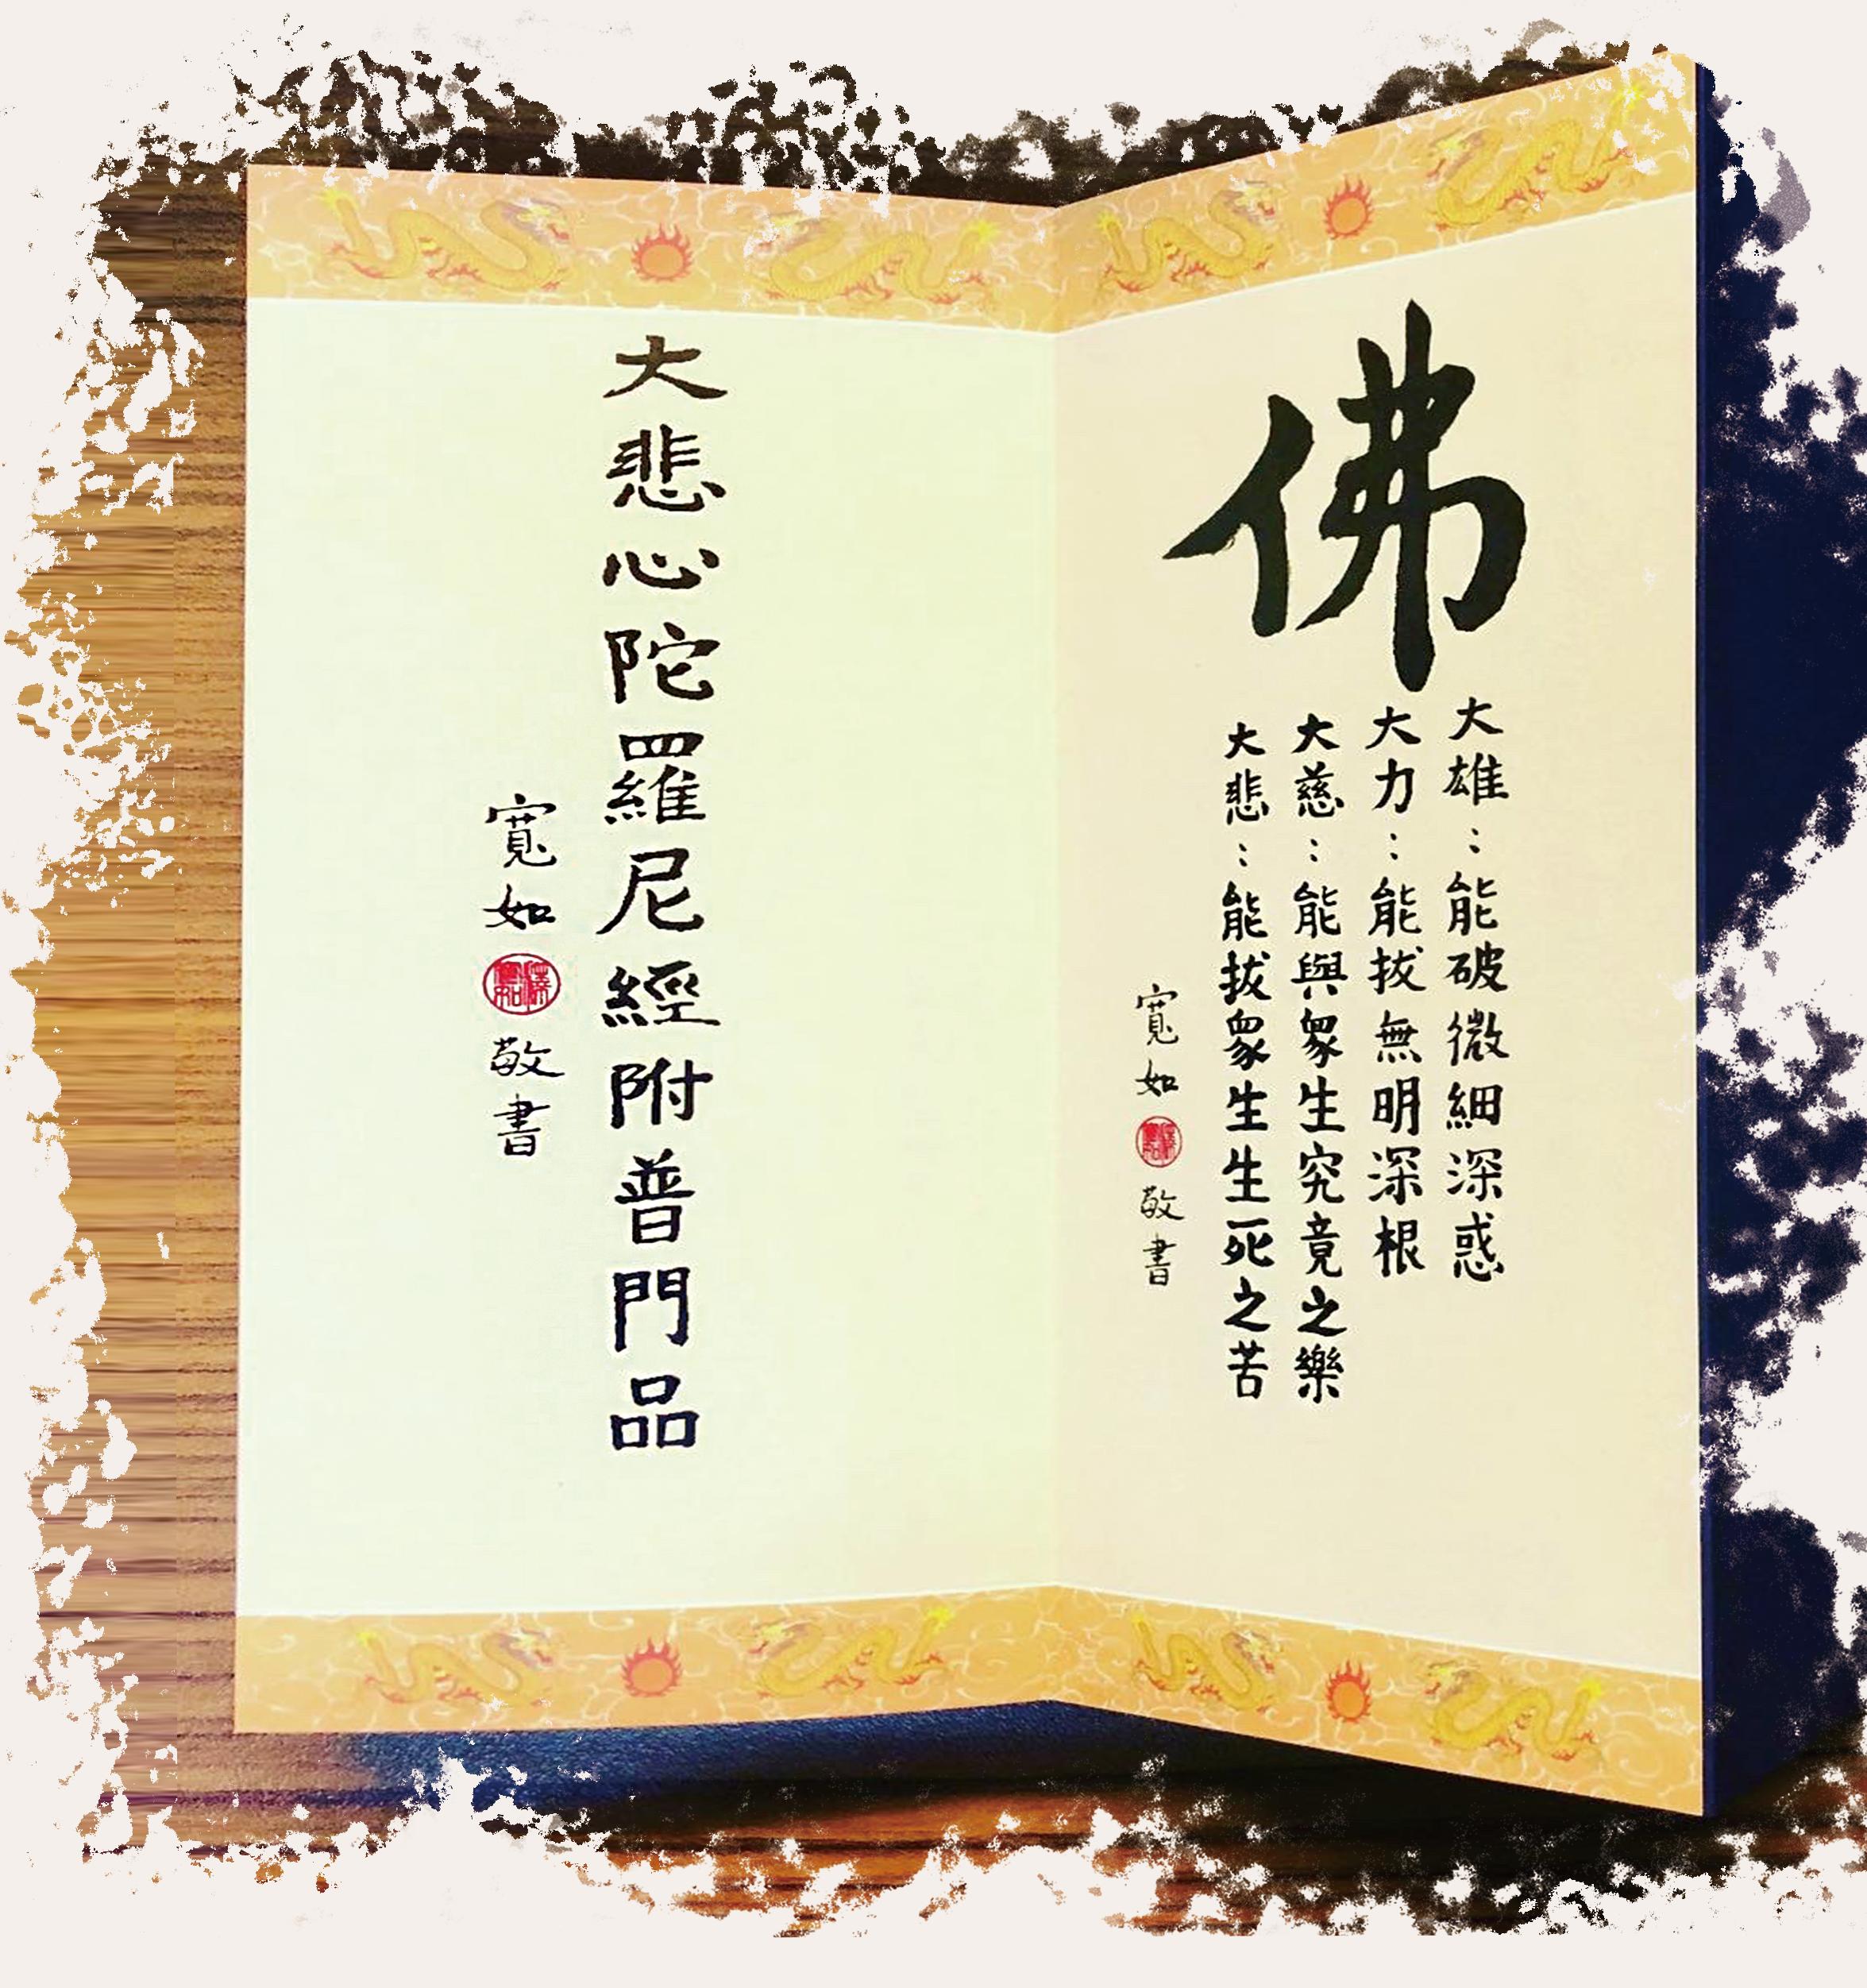 《大悲心陀羅尼經》12-1